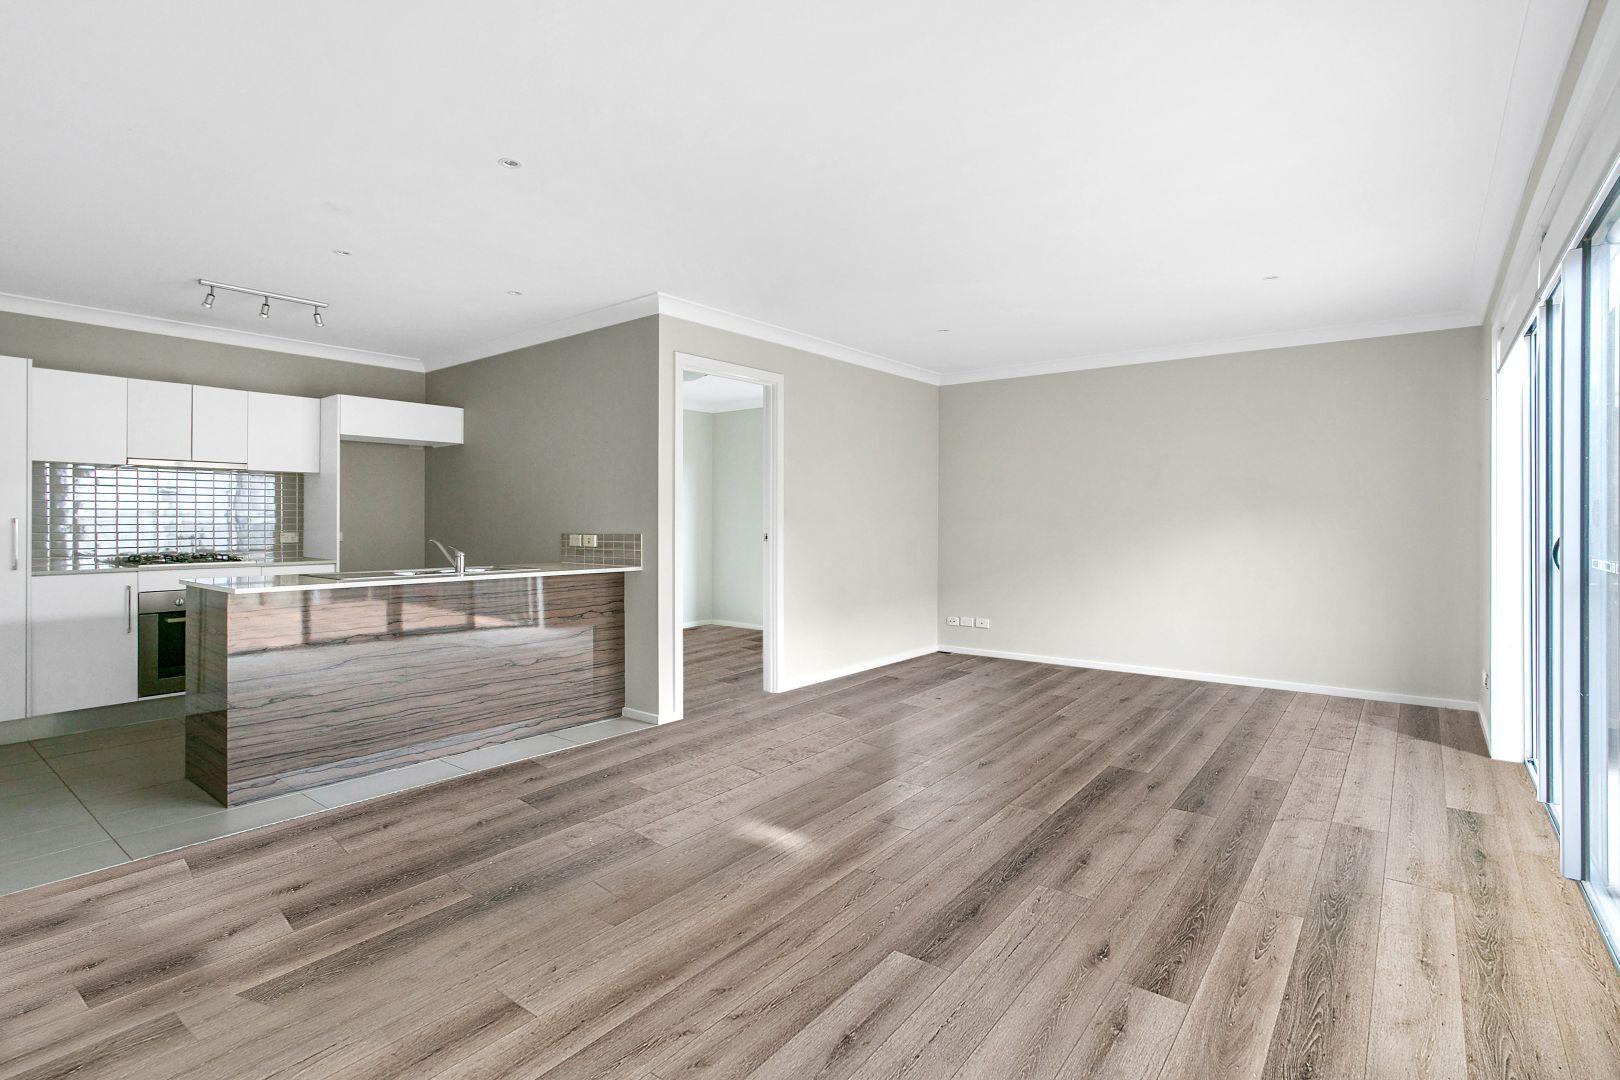 119A Whittaker Street, Flinders NSW 2529, Image 2